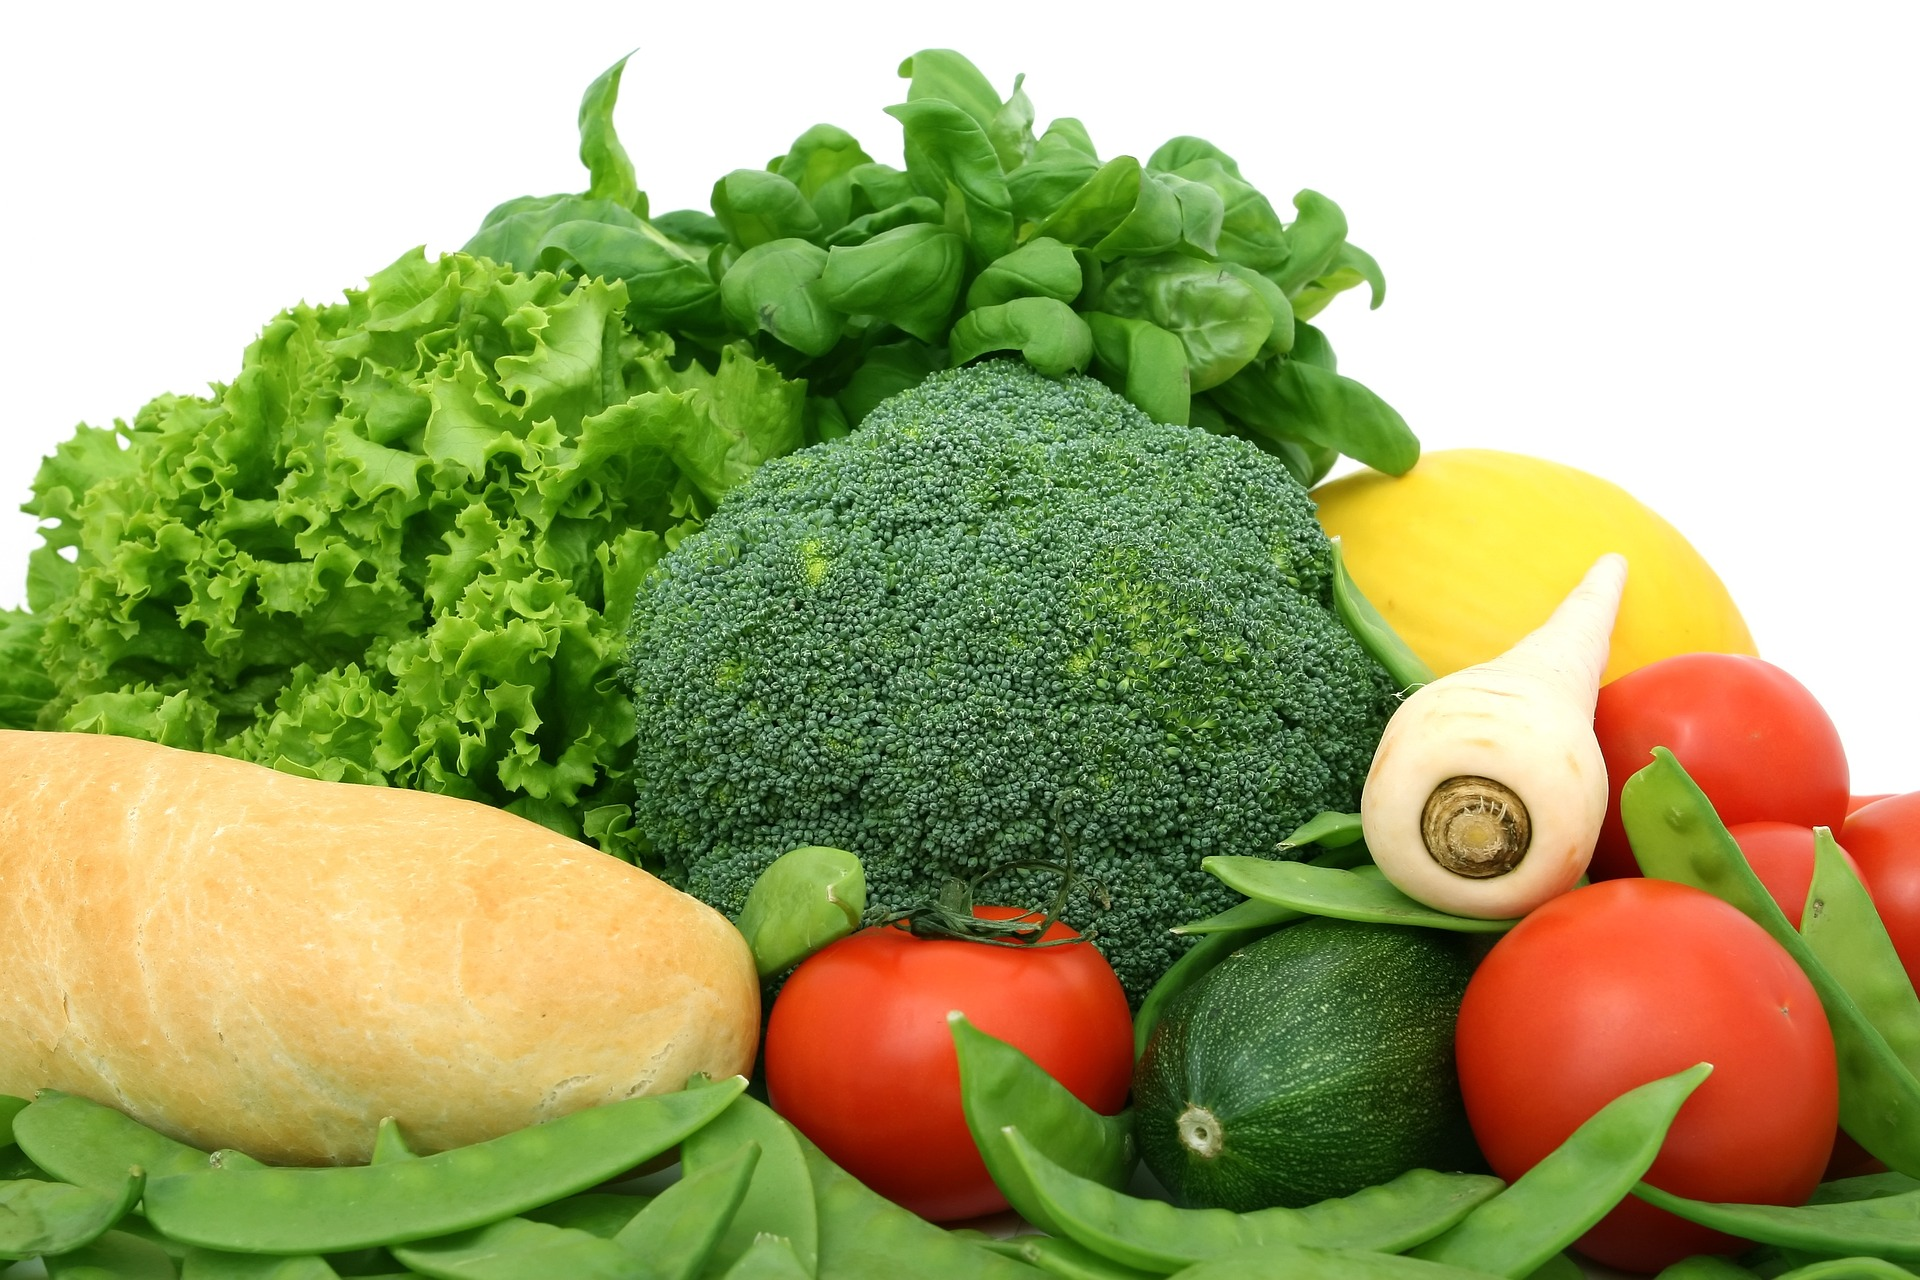 Zelenina je základ zdravého jídelníčku / foto: pixabay.com